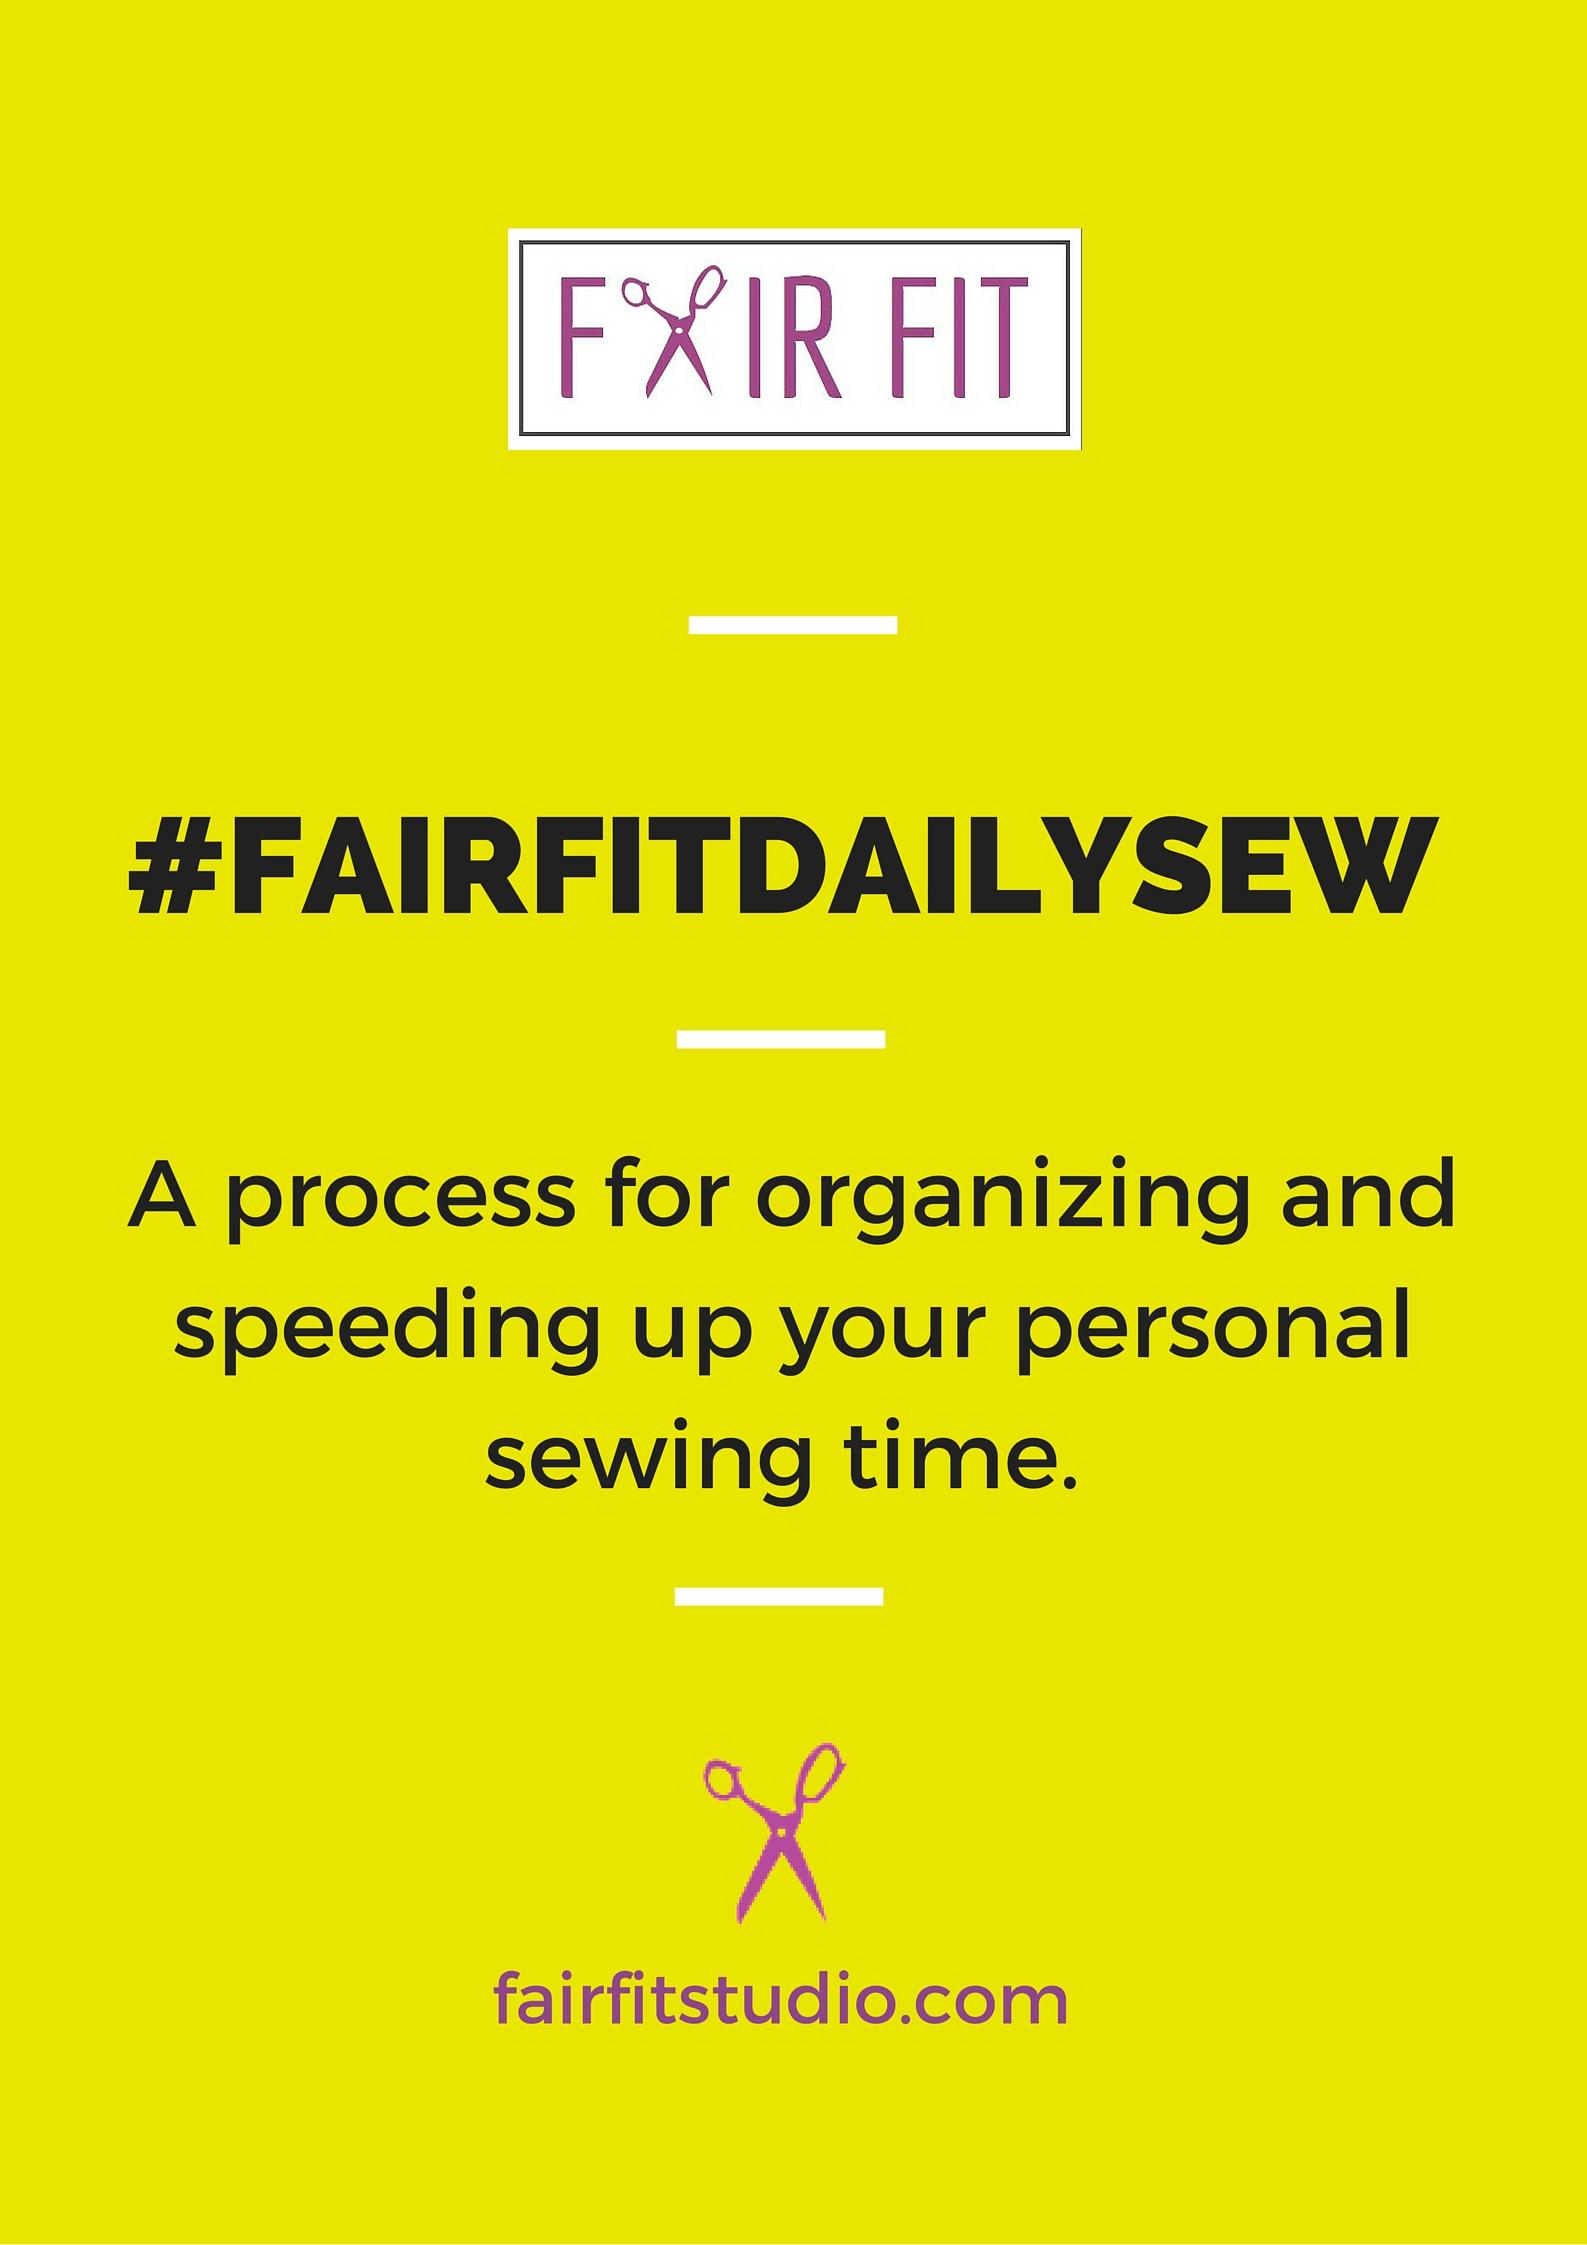 #fairfitdailysew